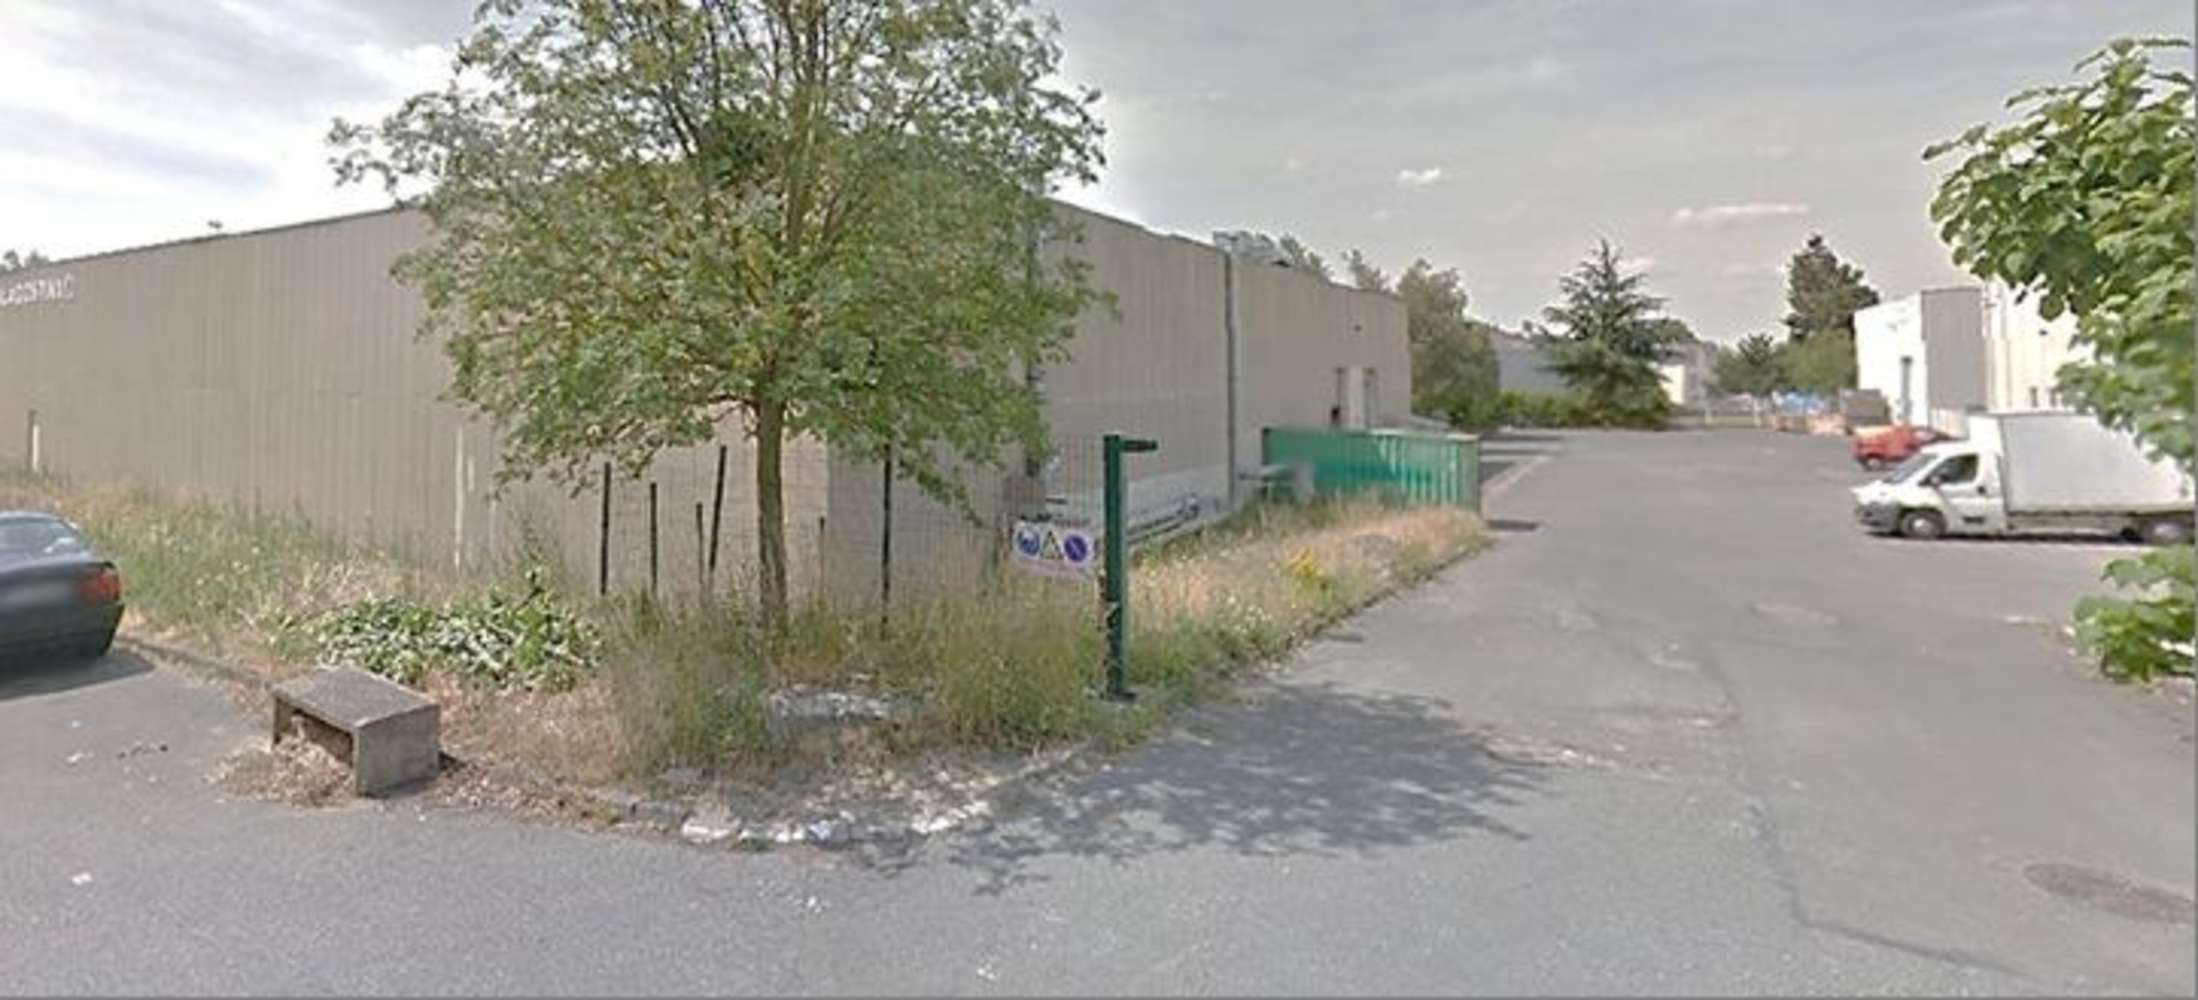 Activités/entrepôt Tremblay en france, 93290 - 74 RUE HENRI FARMAN - 10031841